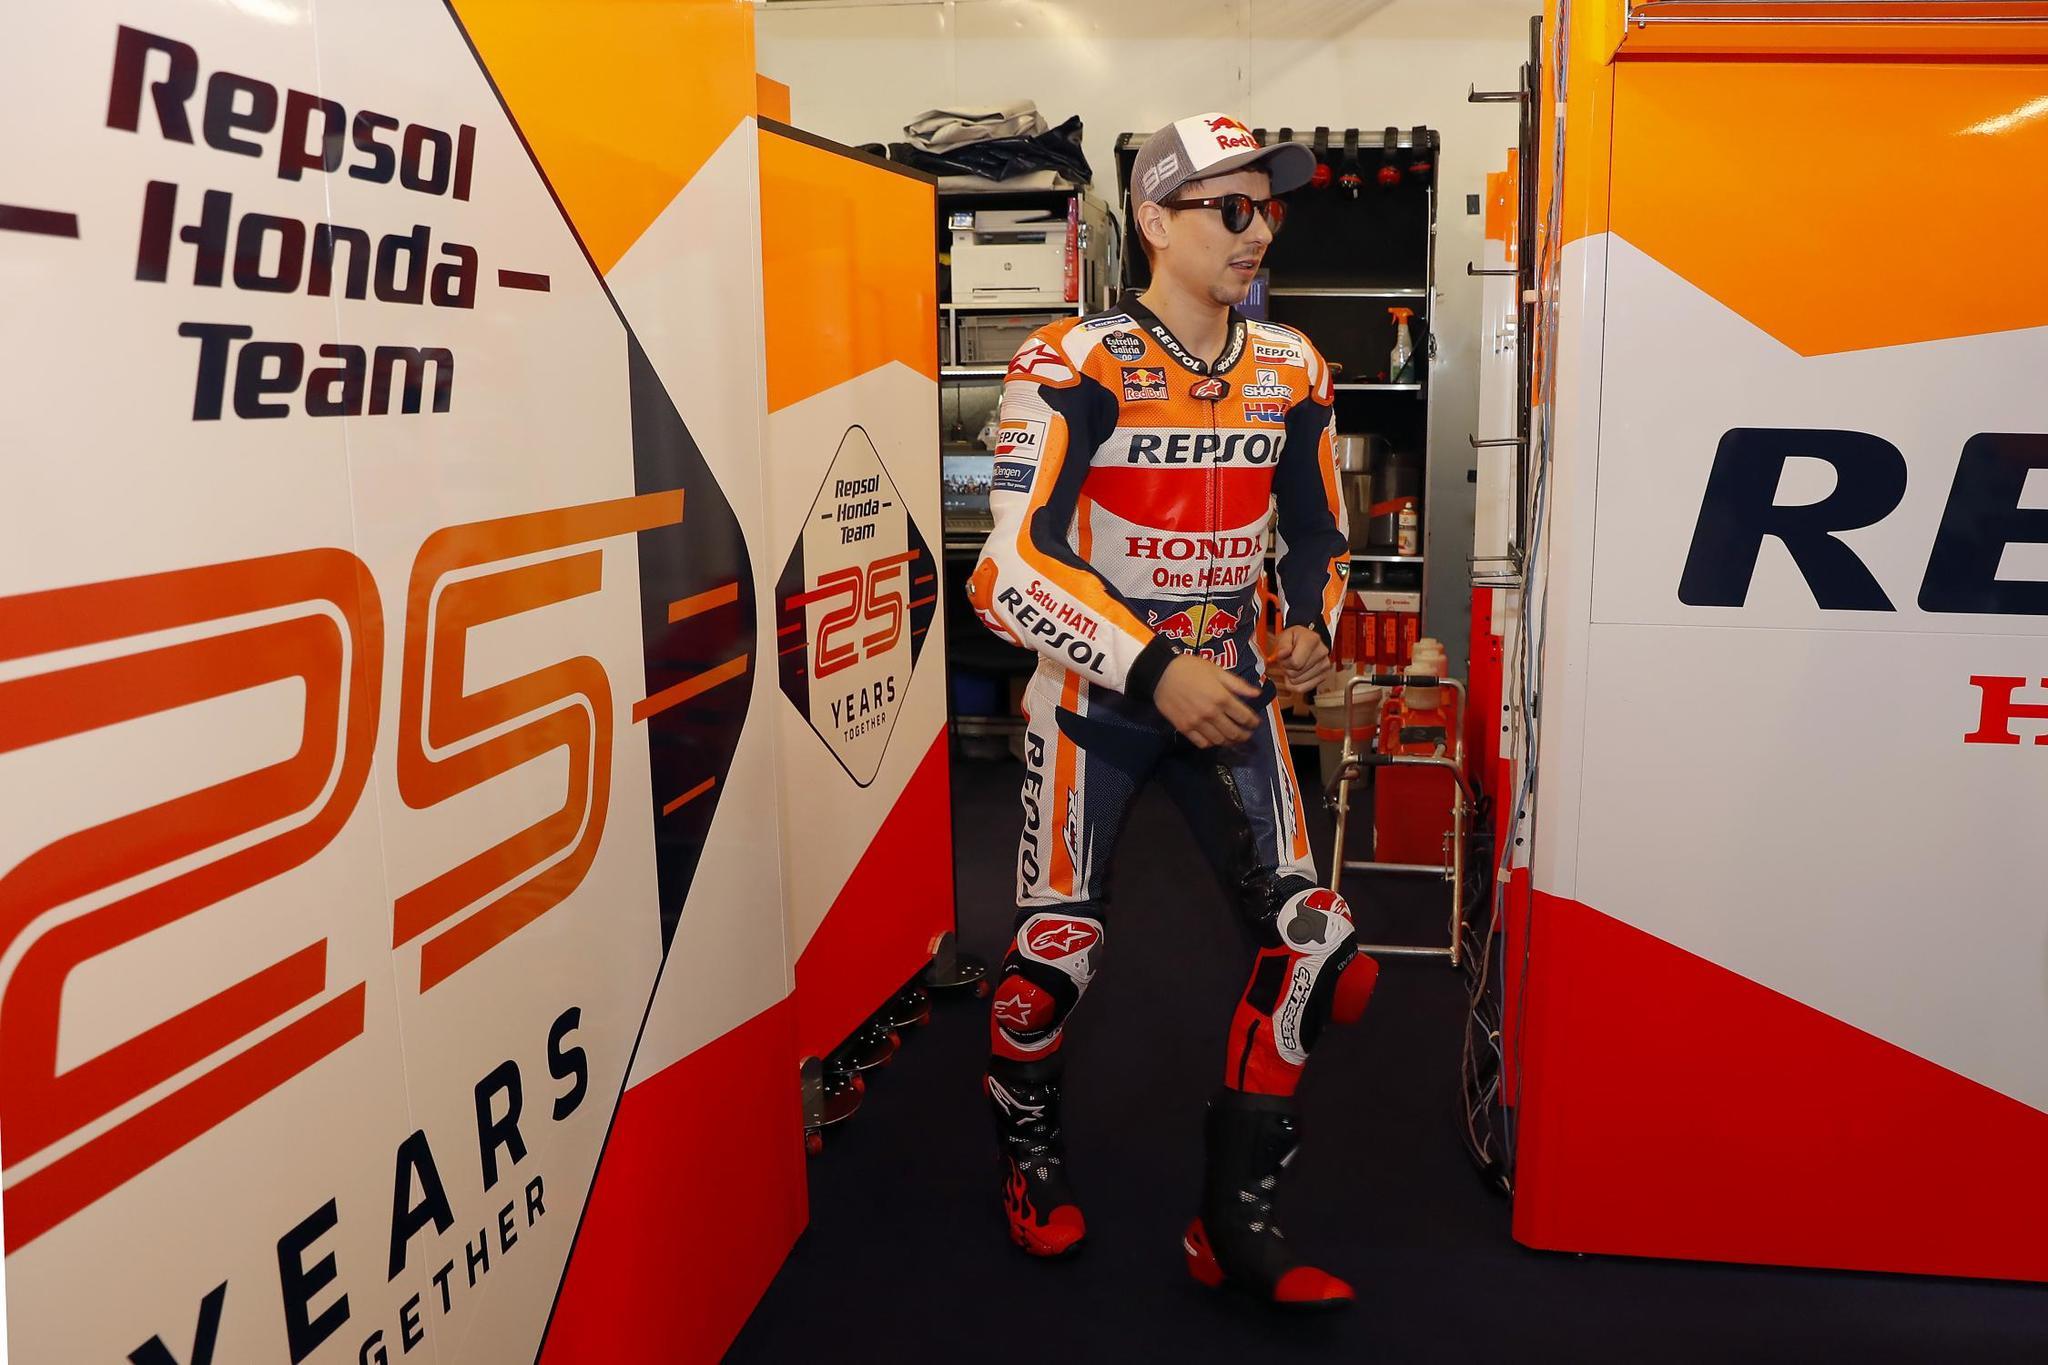 Somos Deporte: El campeón Marc Márquez hizo la pole position en Austria